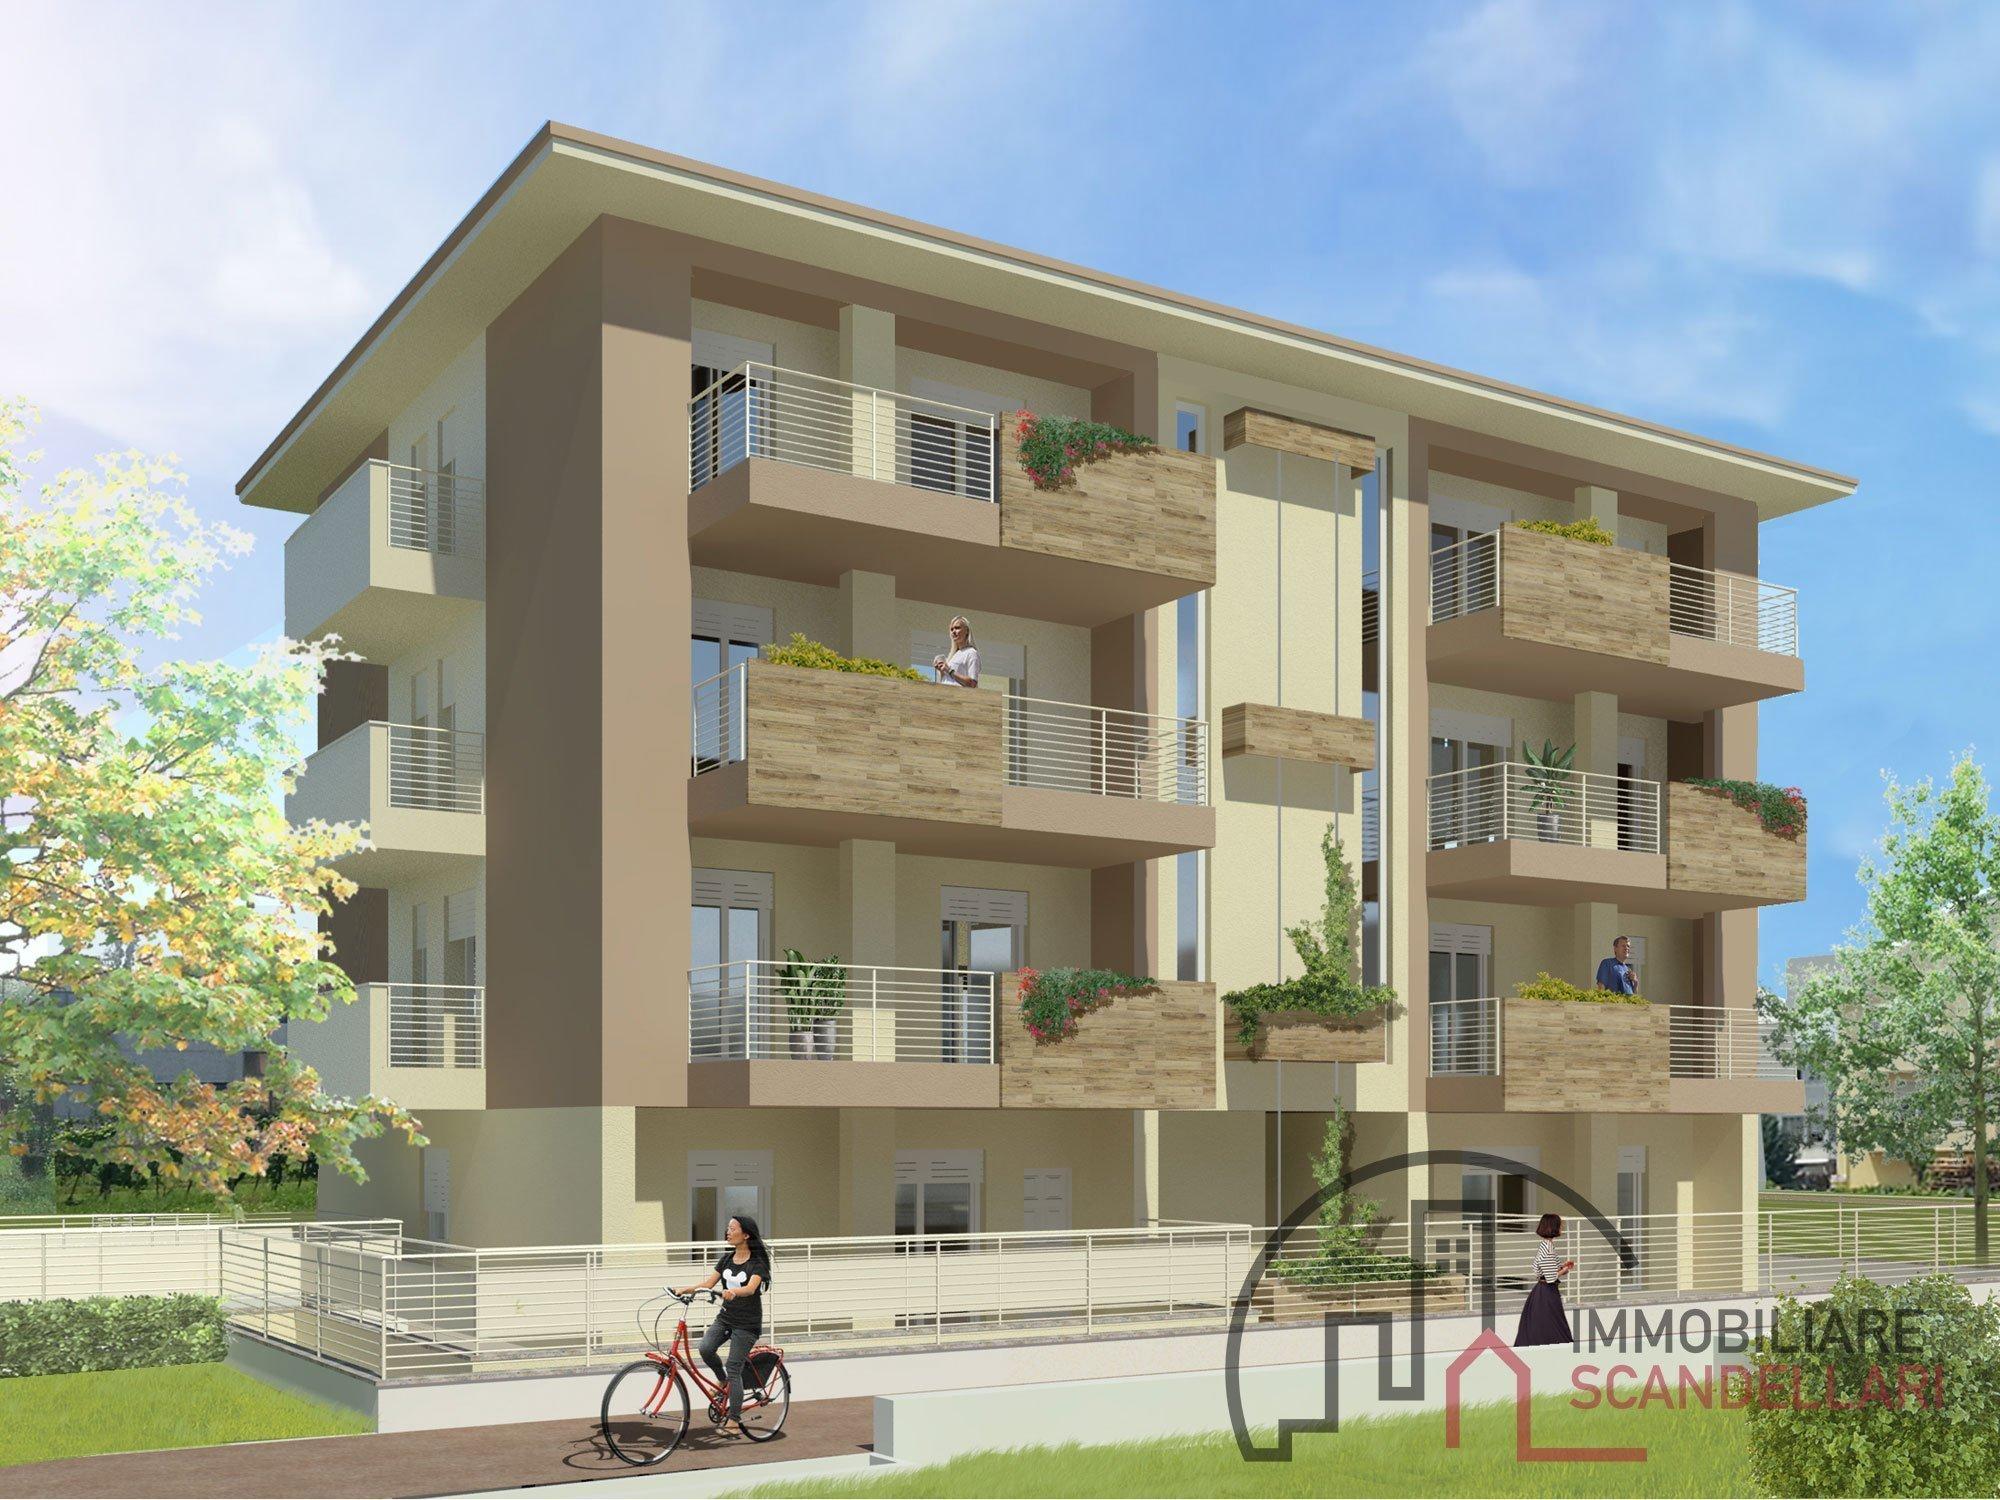 Rimini - Padulli - Nuovi appartamenti in Classe A - Immobiliare Scandellari